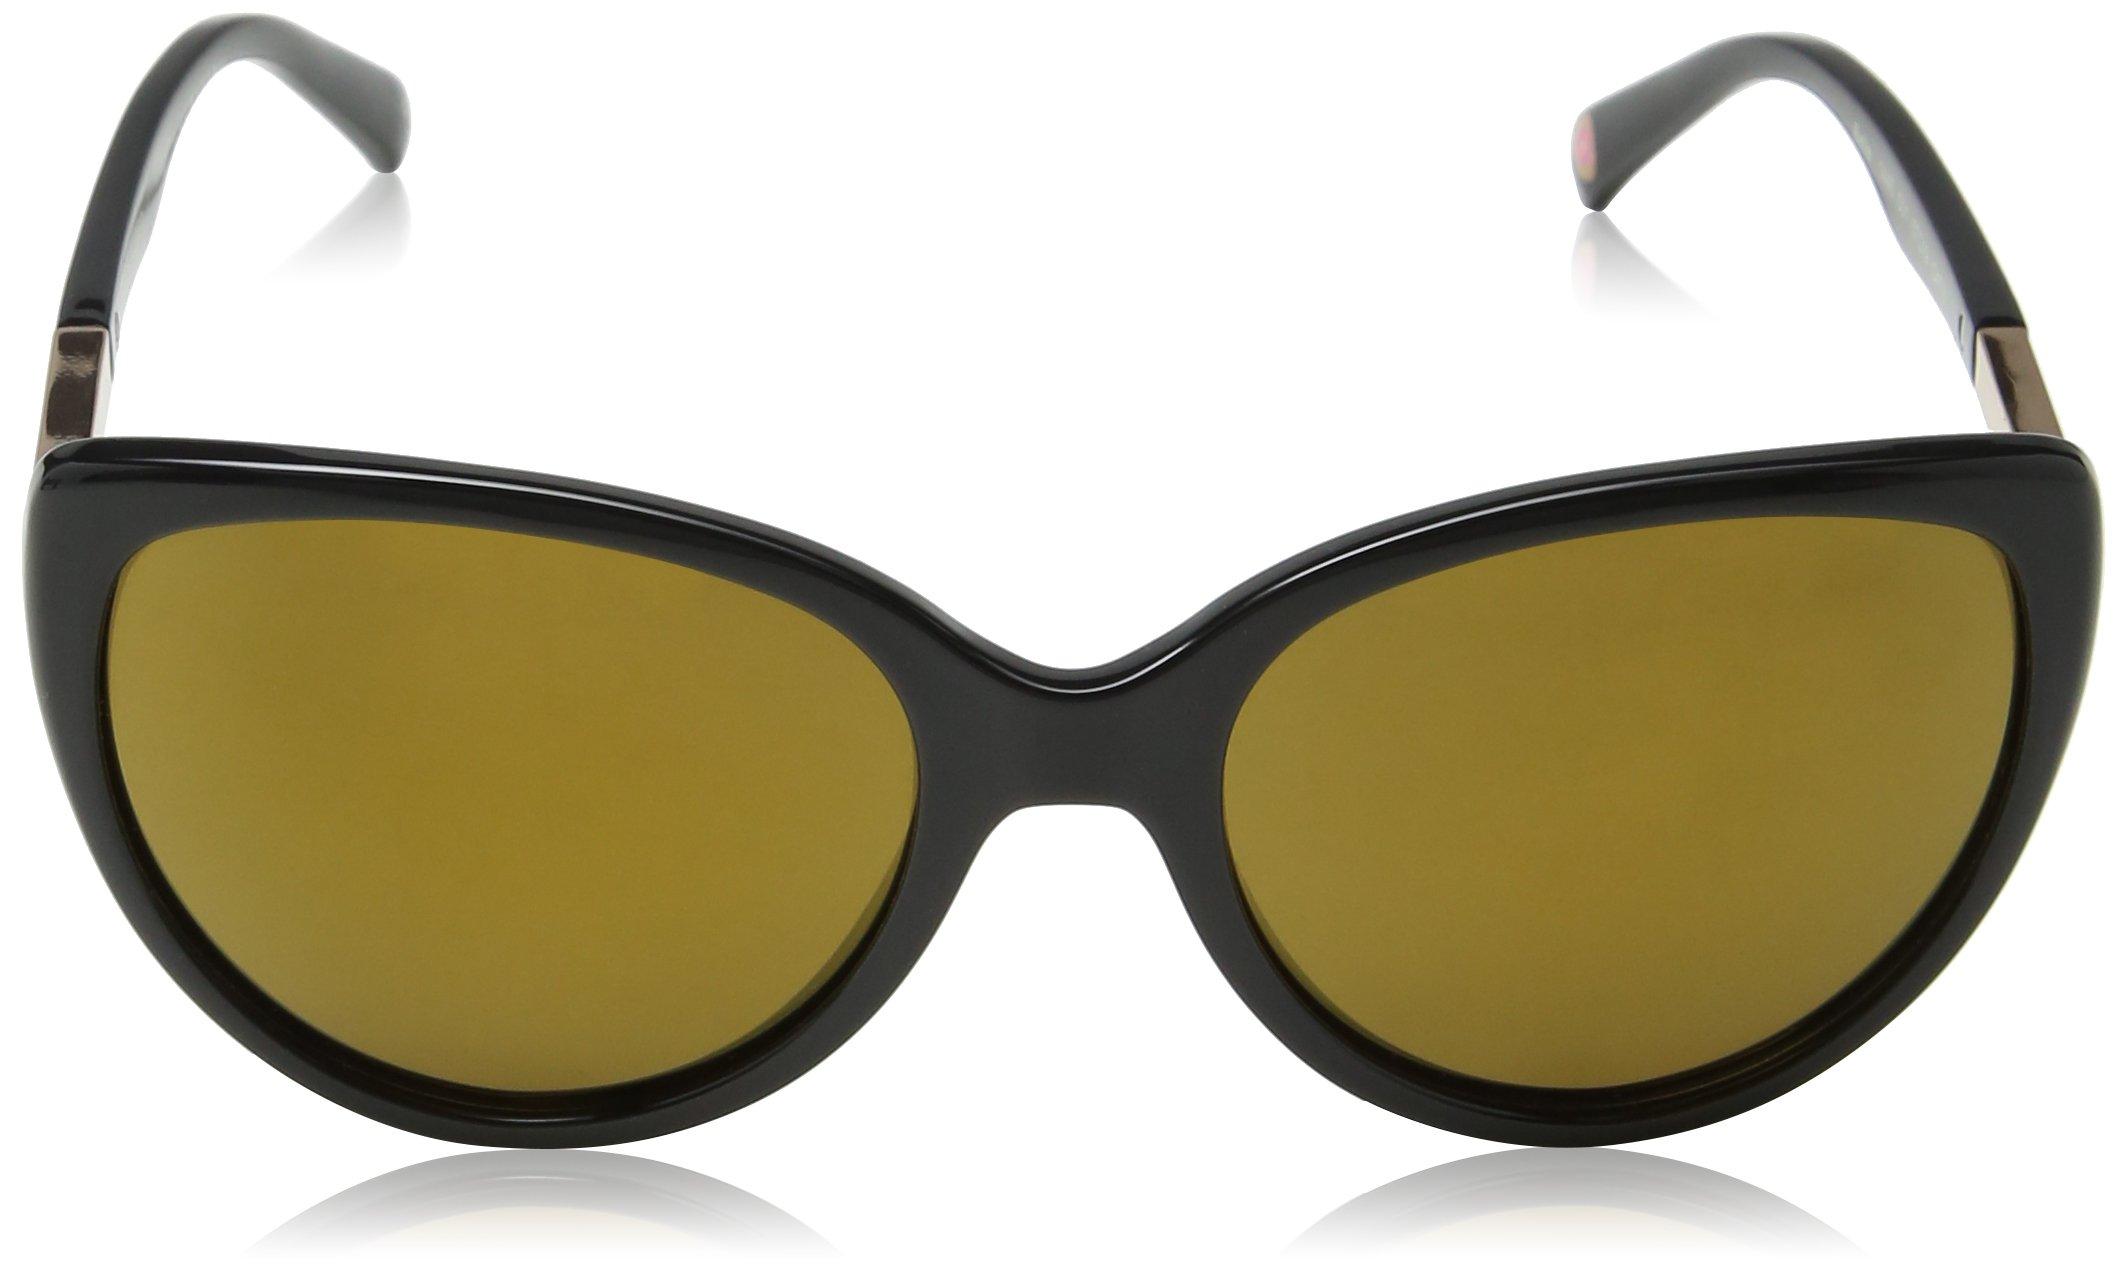 4229eddfbfd Ted Baker Sunglasses Women s Belle Sunglasses